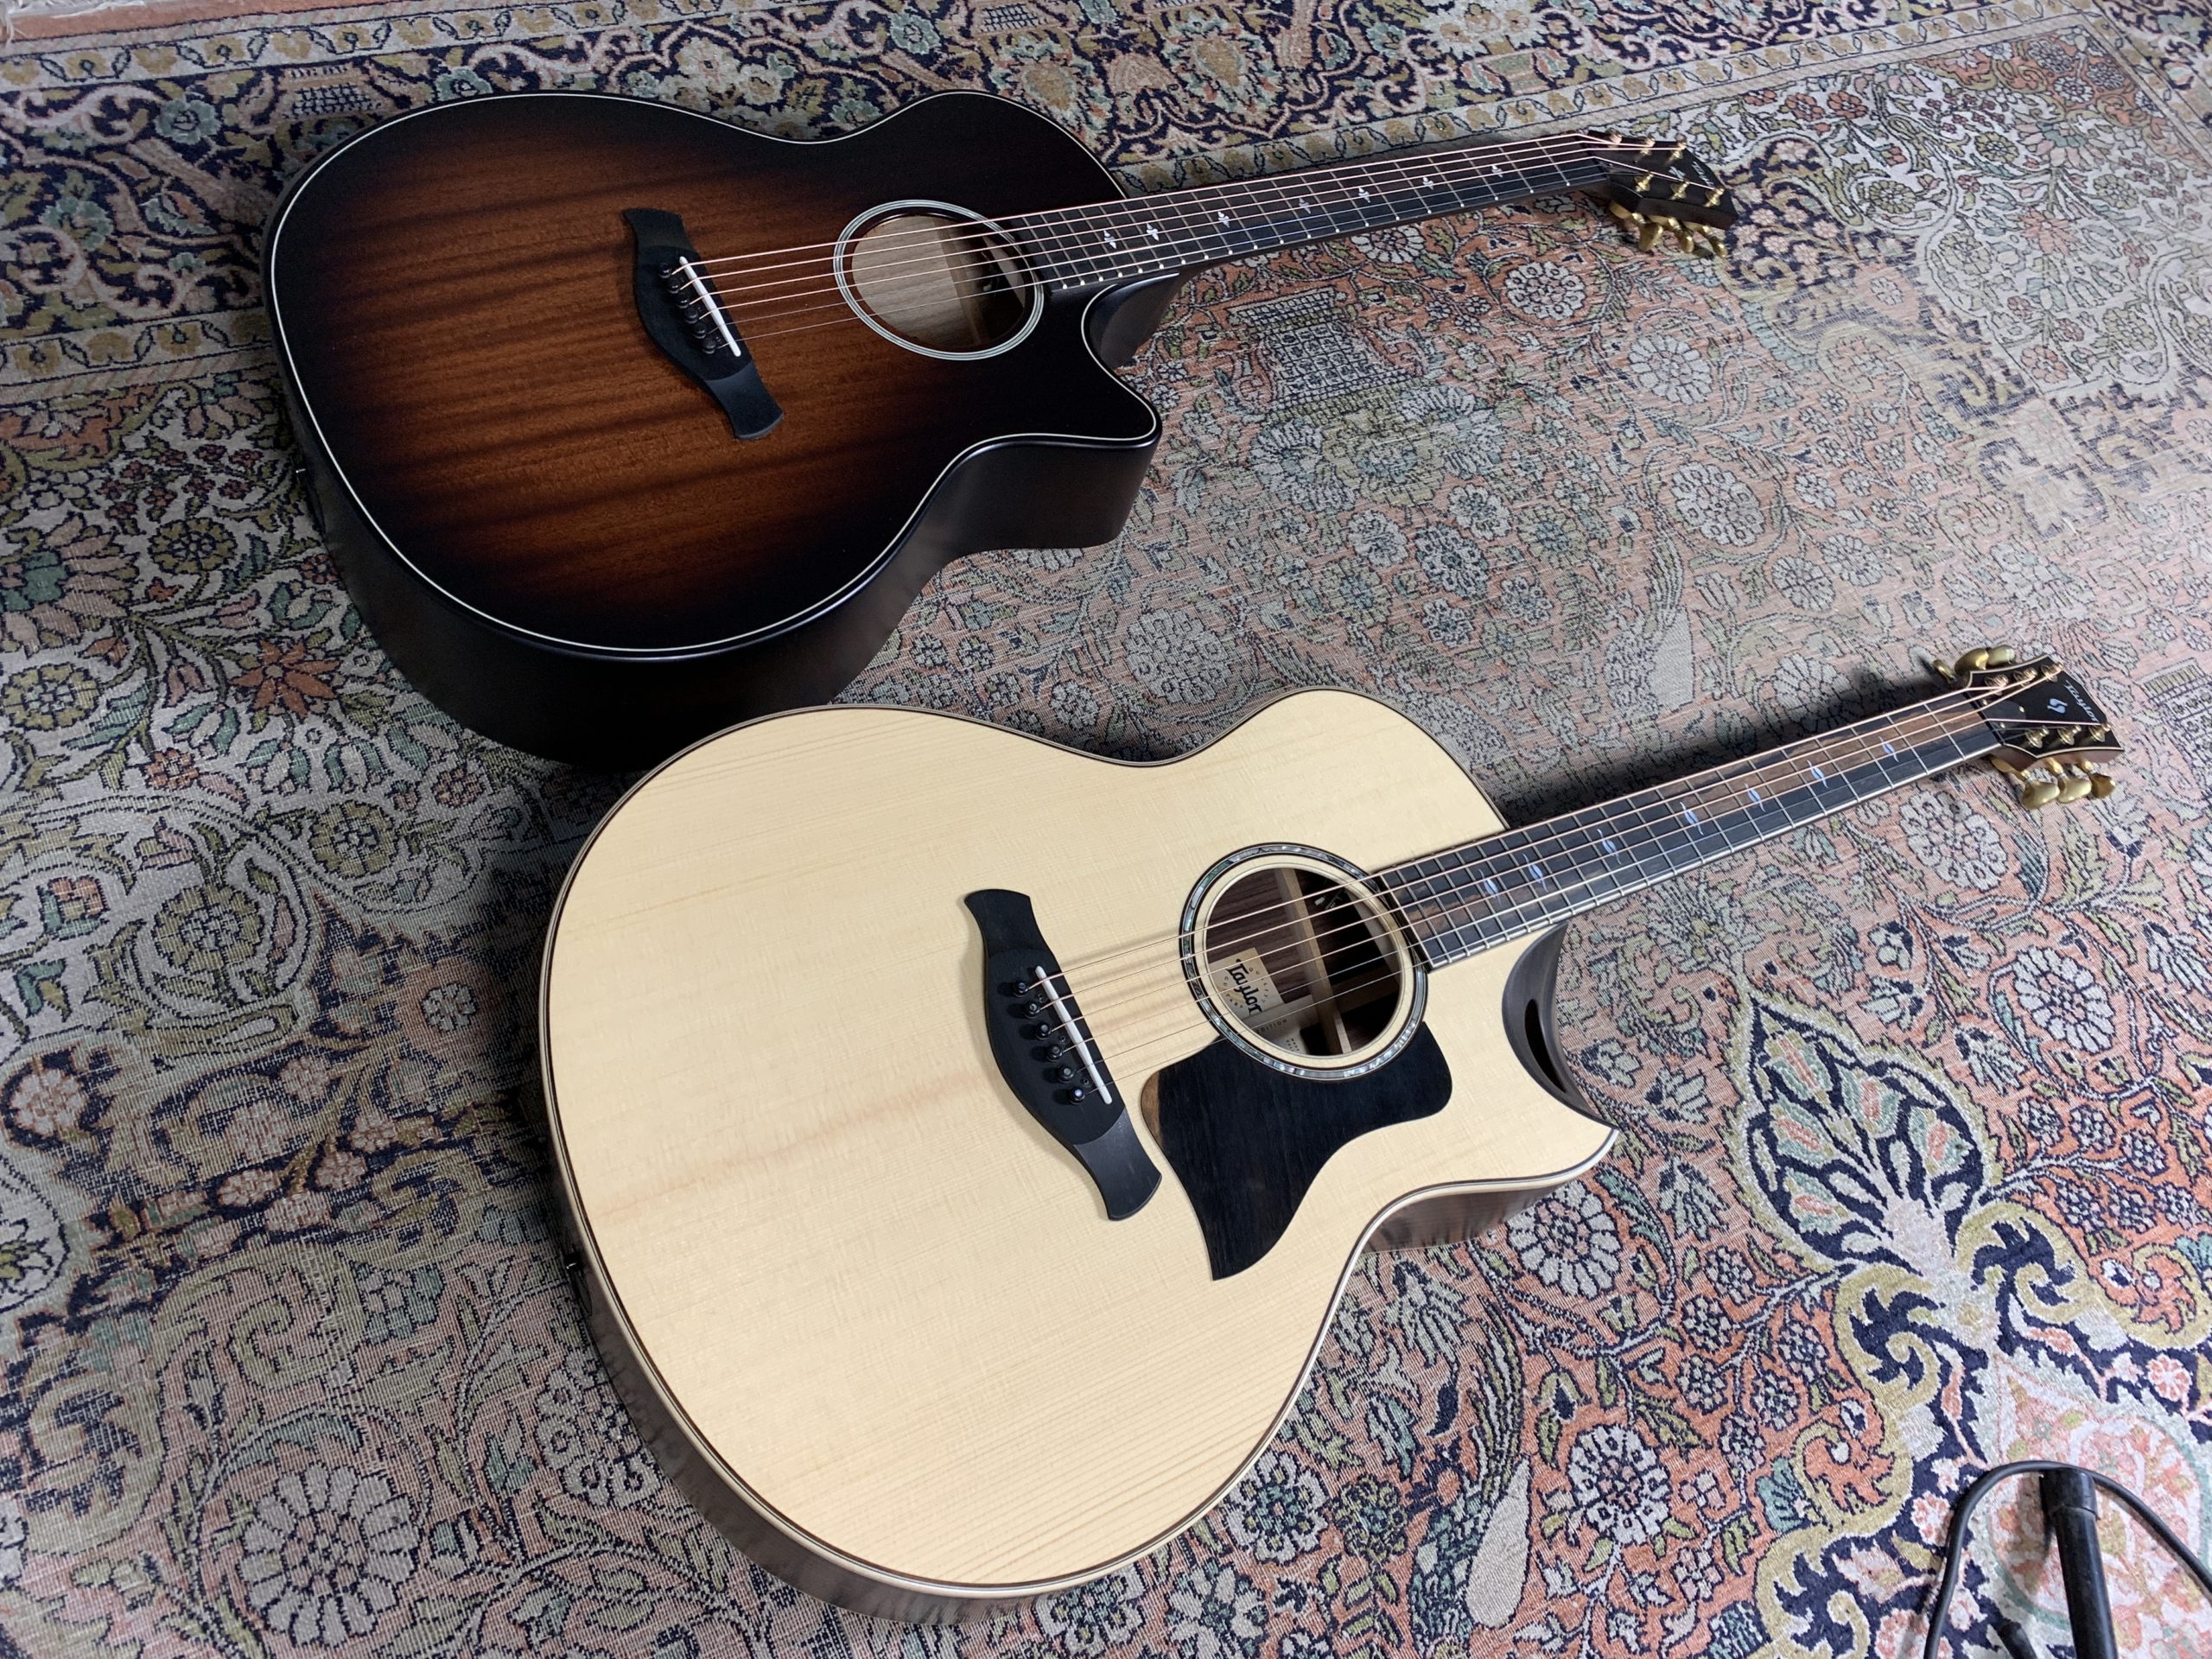 Taylor 324ce et 816ce, double test de deux belles guitares électro-acoustiques